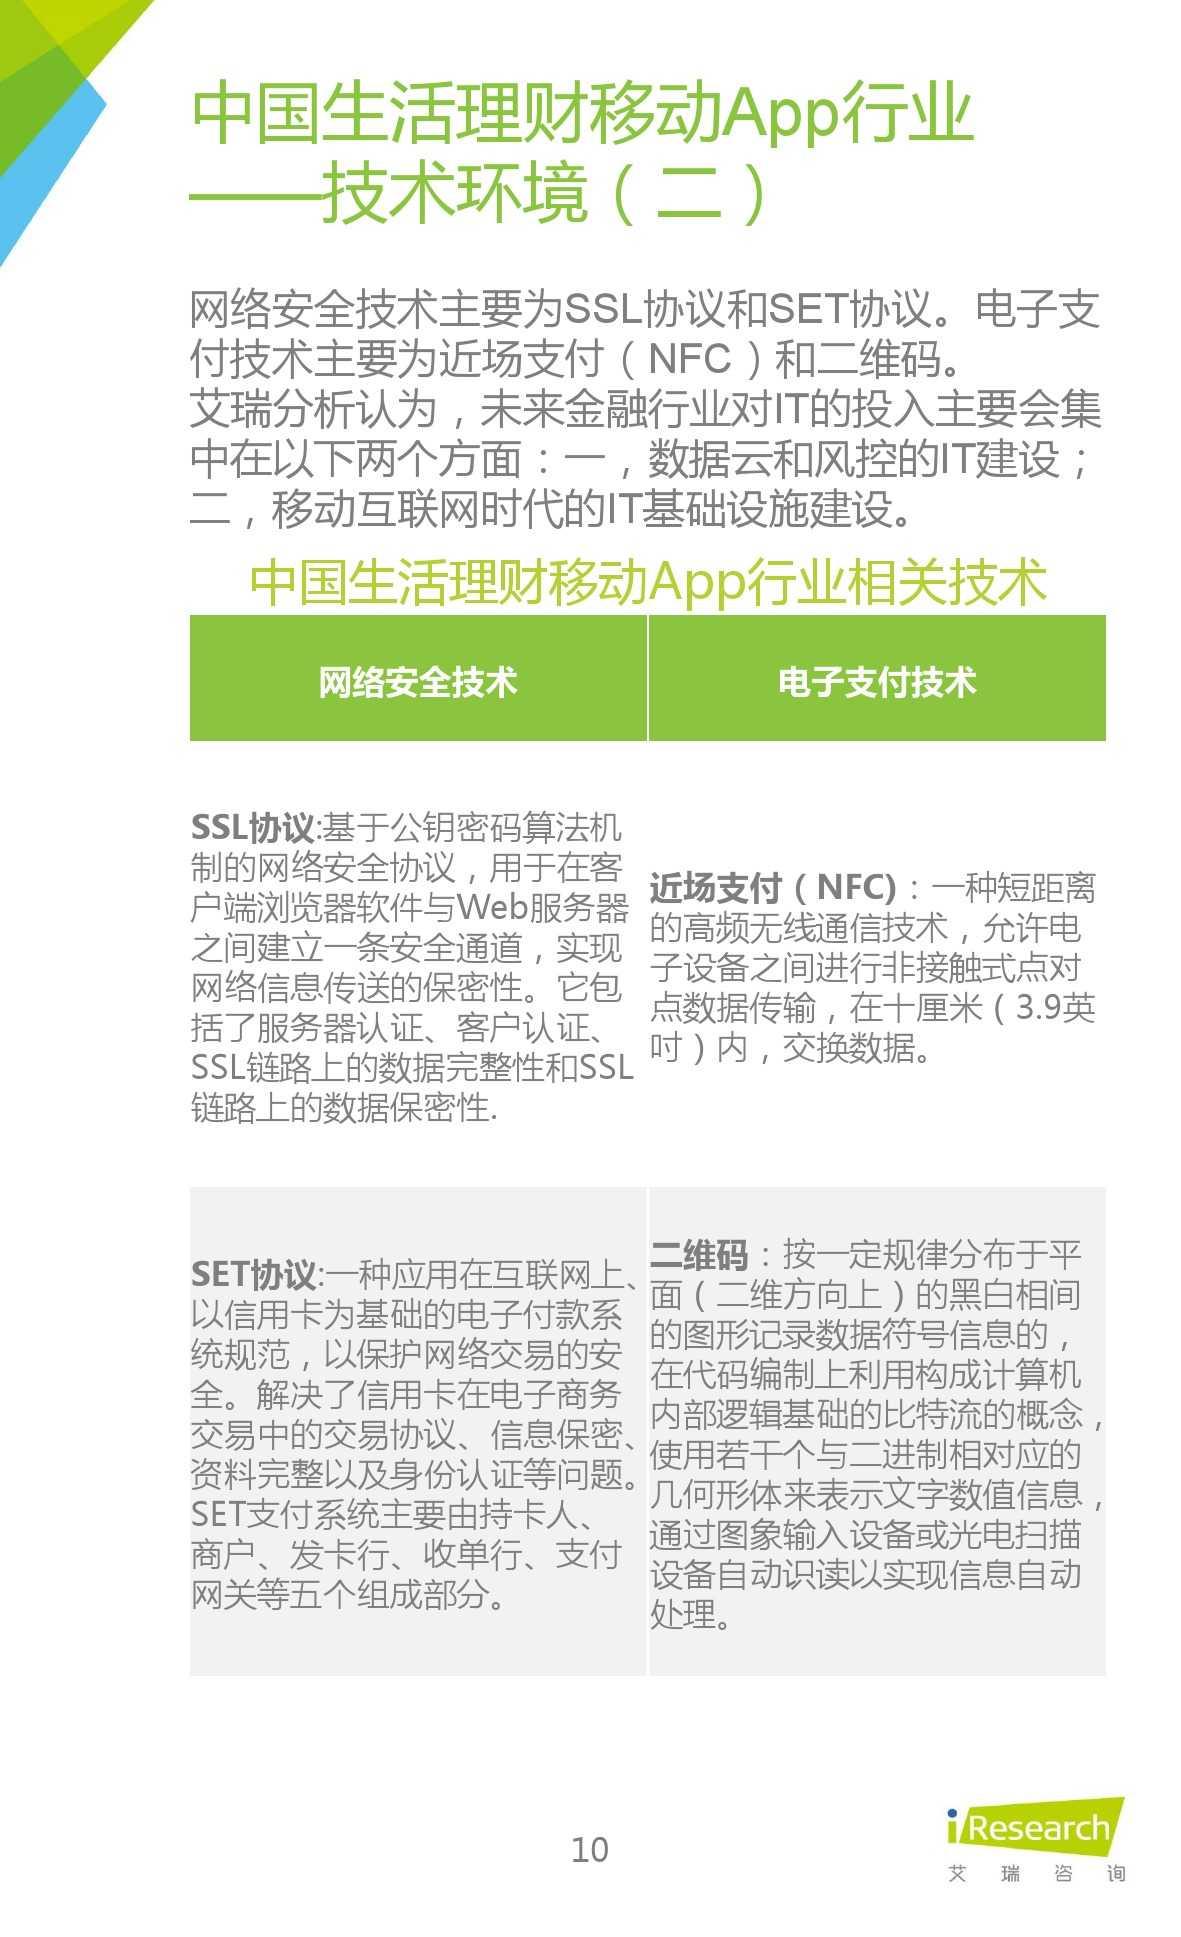 2015年中国生活理财移动App行业研究报告_000010